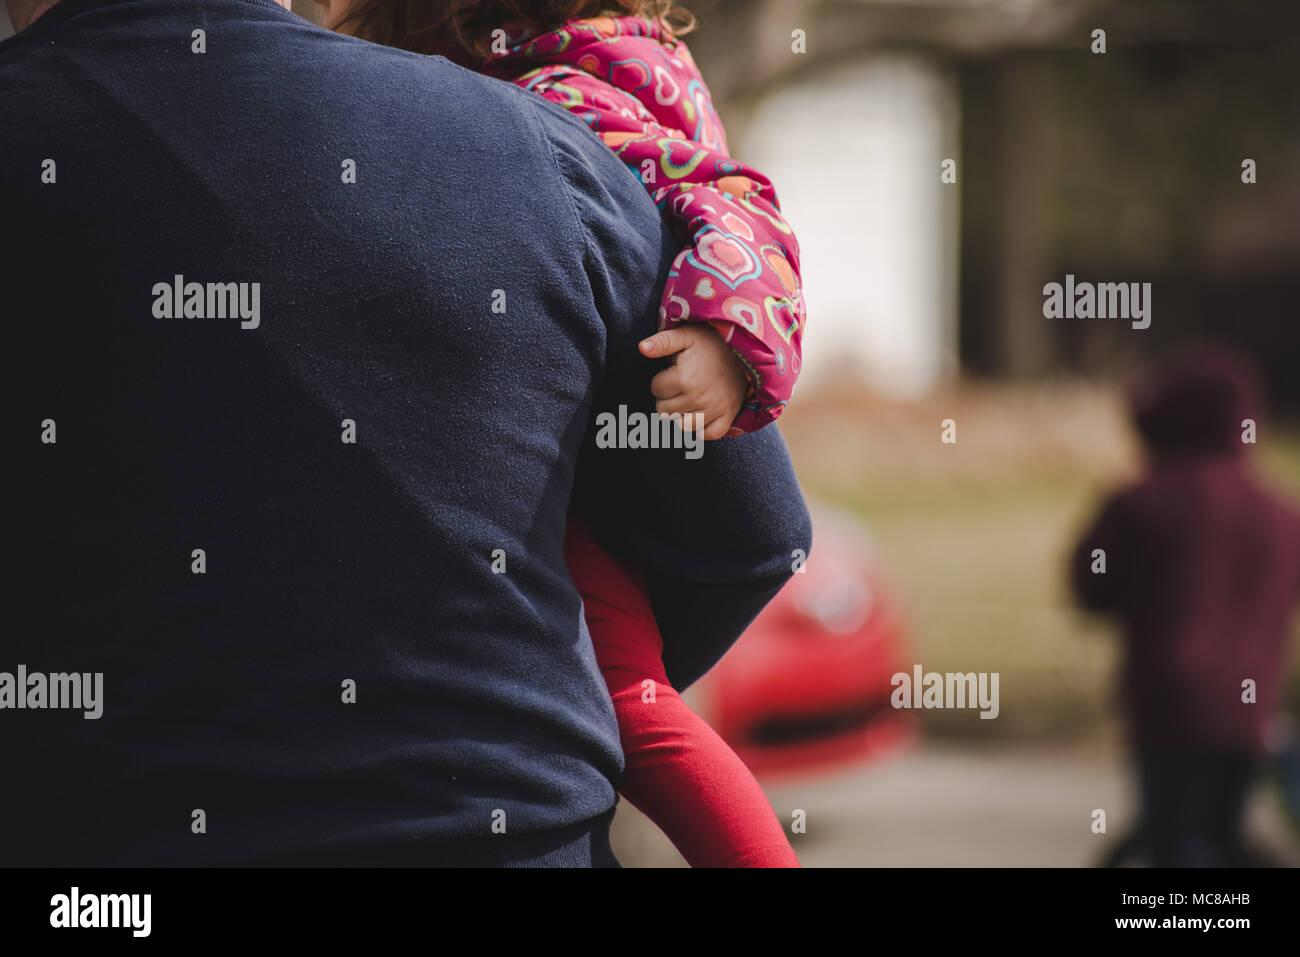 Un bambino tenuto da suo padre. Immagini Stock